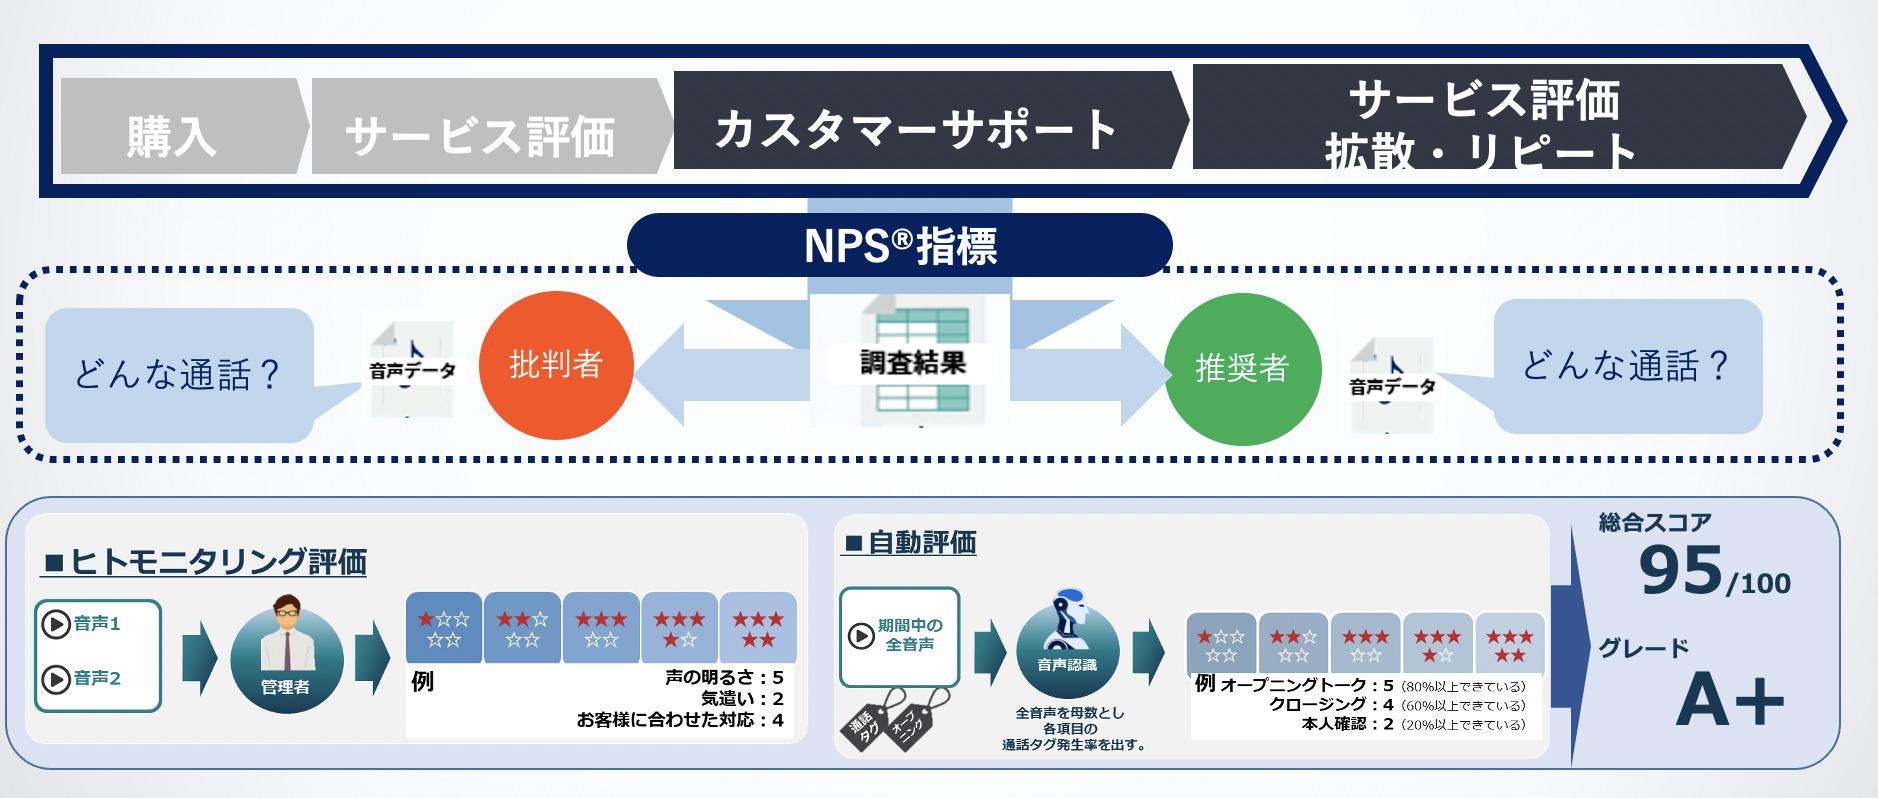 NPS®評価と応対を組み合わせれば、評価結果ごとのカテゴリ分けが可能になり、全体の傾向を掴むことができます。